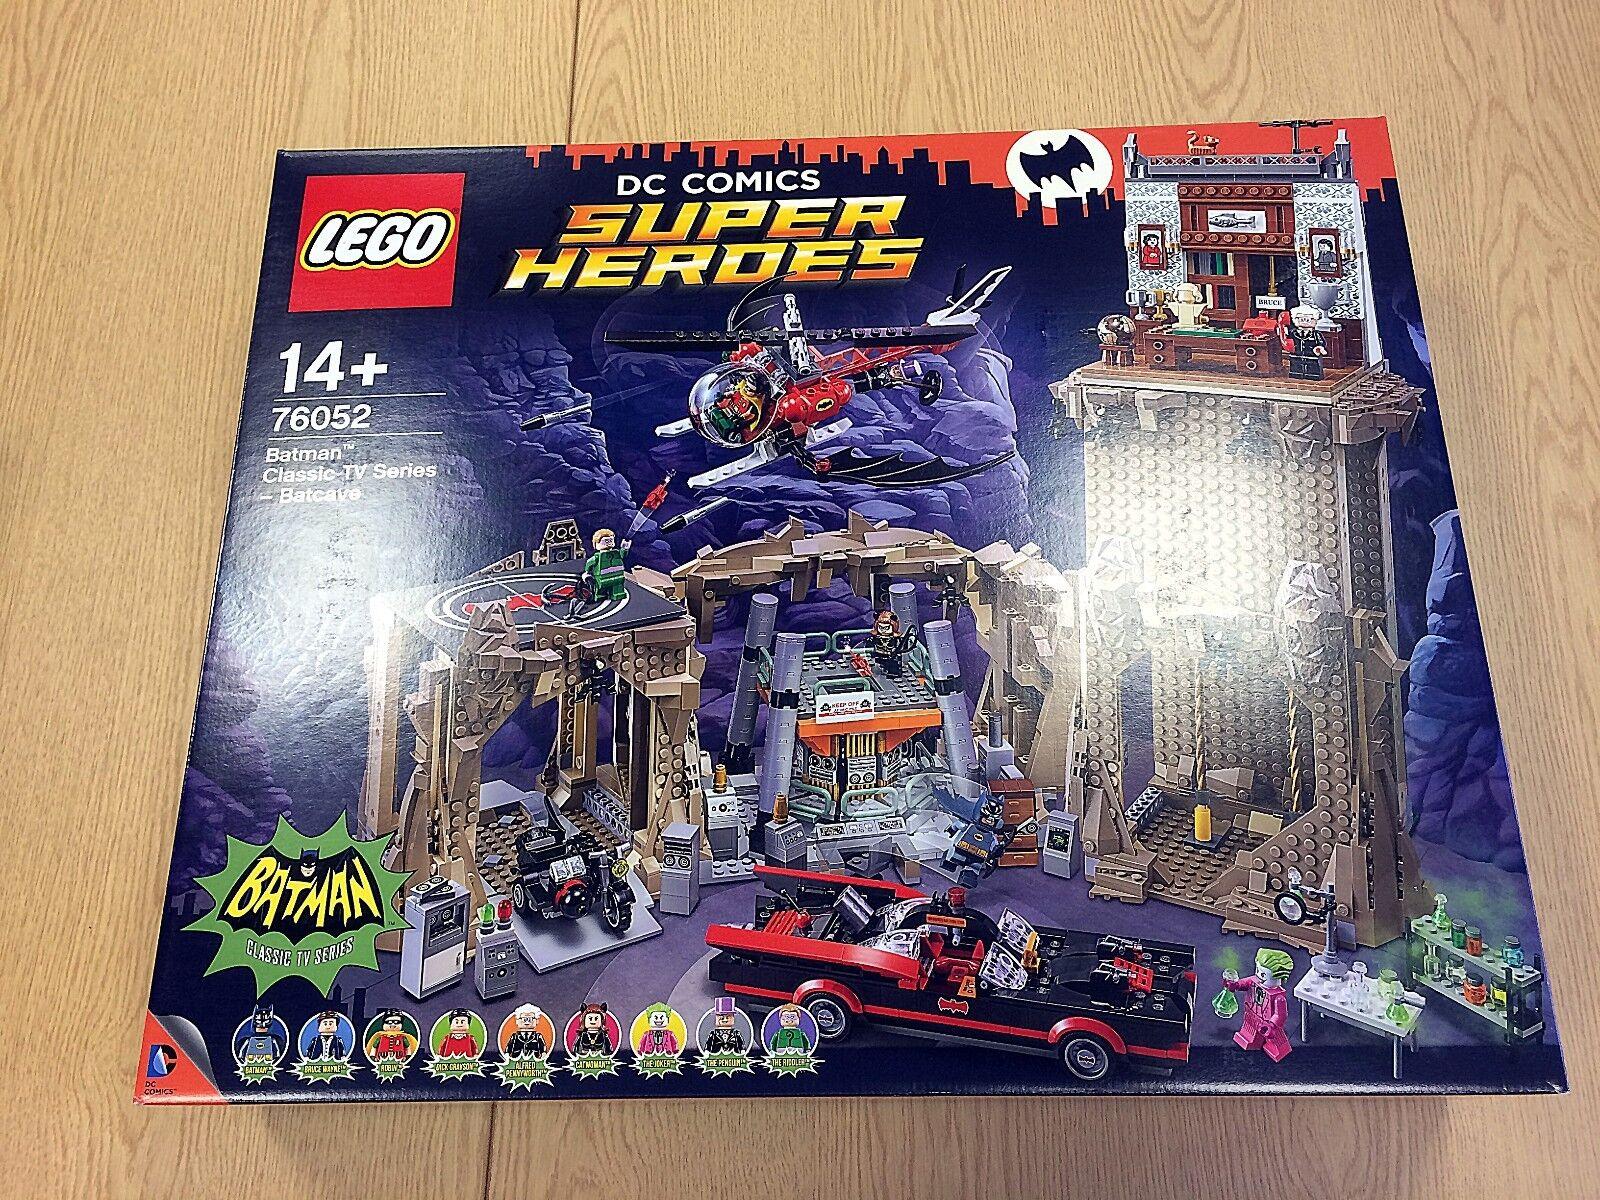 LEGO DC Super Heroes 76052 BATMAN CLASSIC TV SERIES-une Batcave   Nouveau & Non ouvert